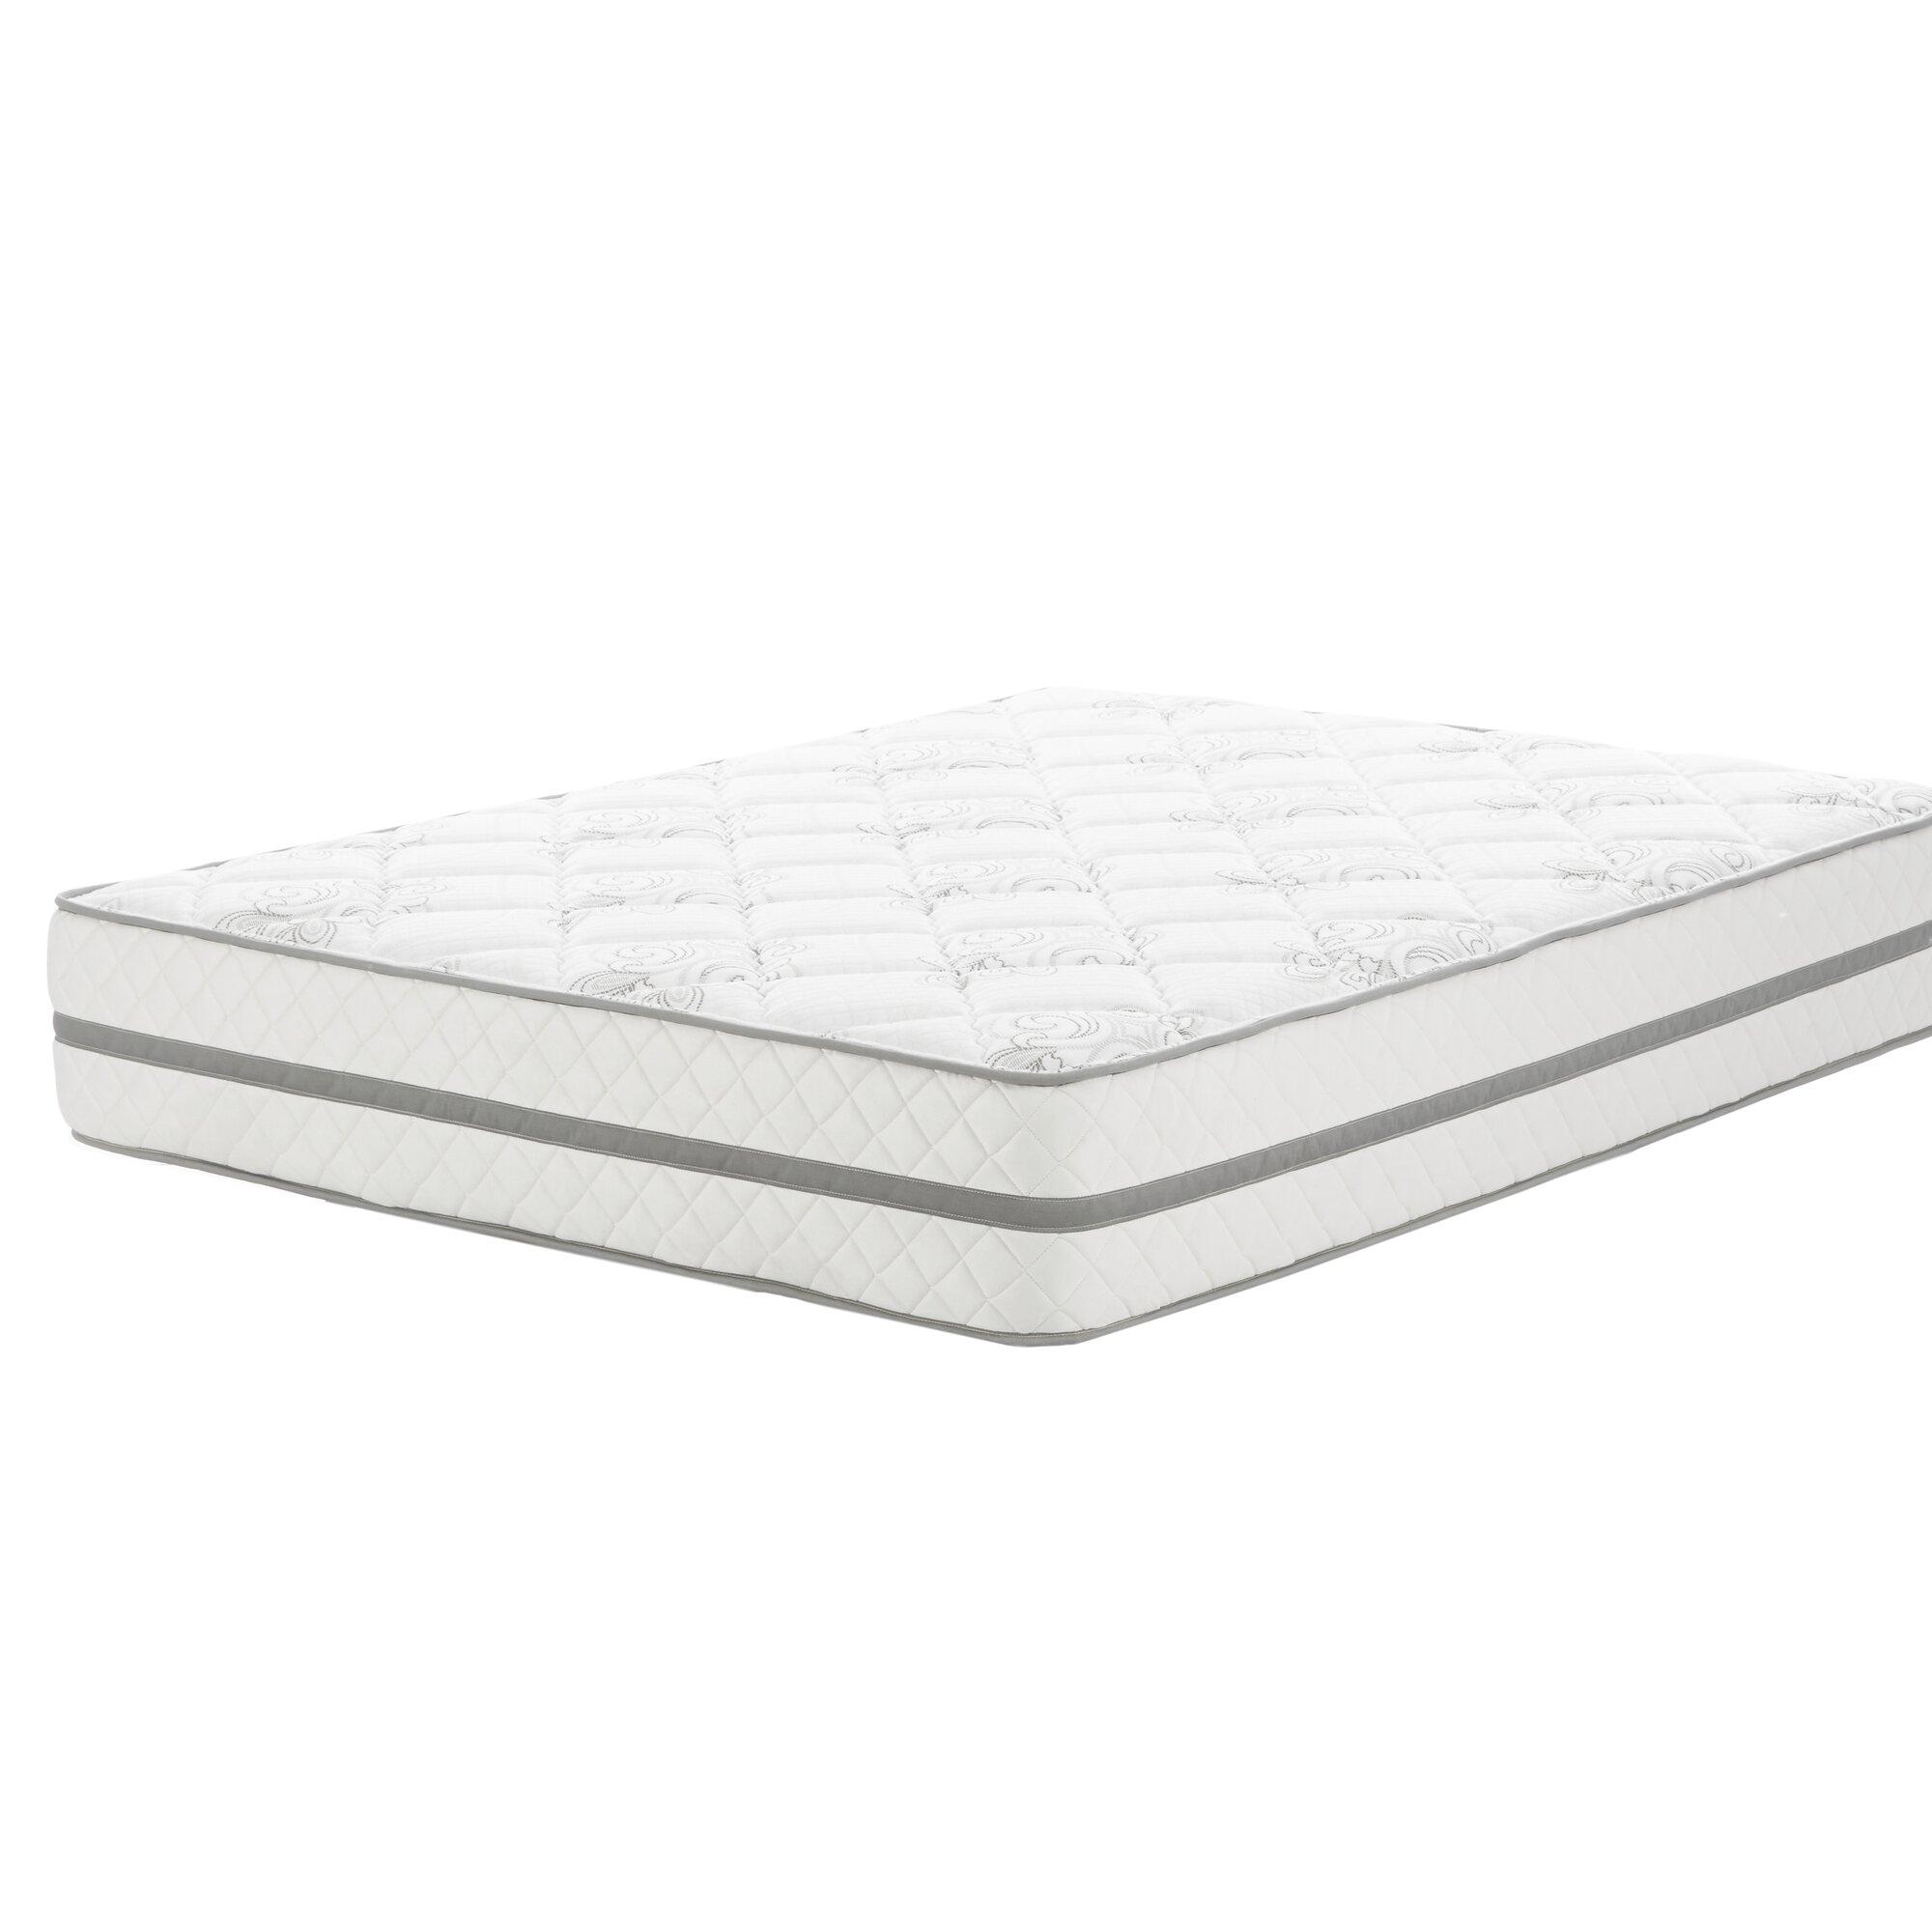 wayfair allmodern - wayfair sleep plush innerspring mattress reviews allmodern